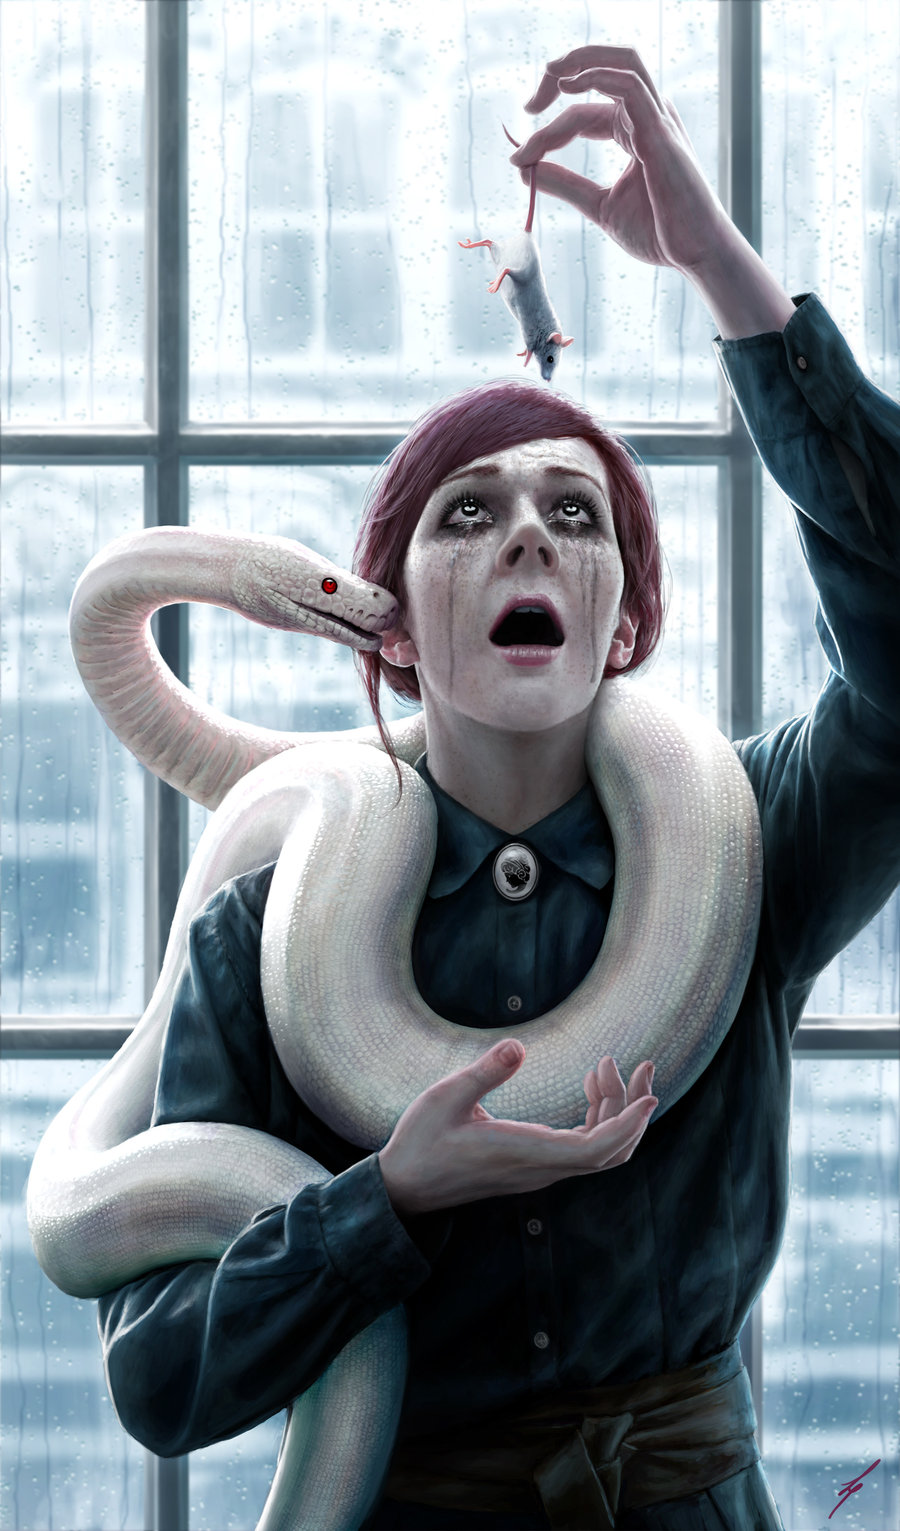 Безумные сюжеты в фантастических иллюстрациях Лиама Питерса (Liam Peters) — американский художник, с